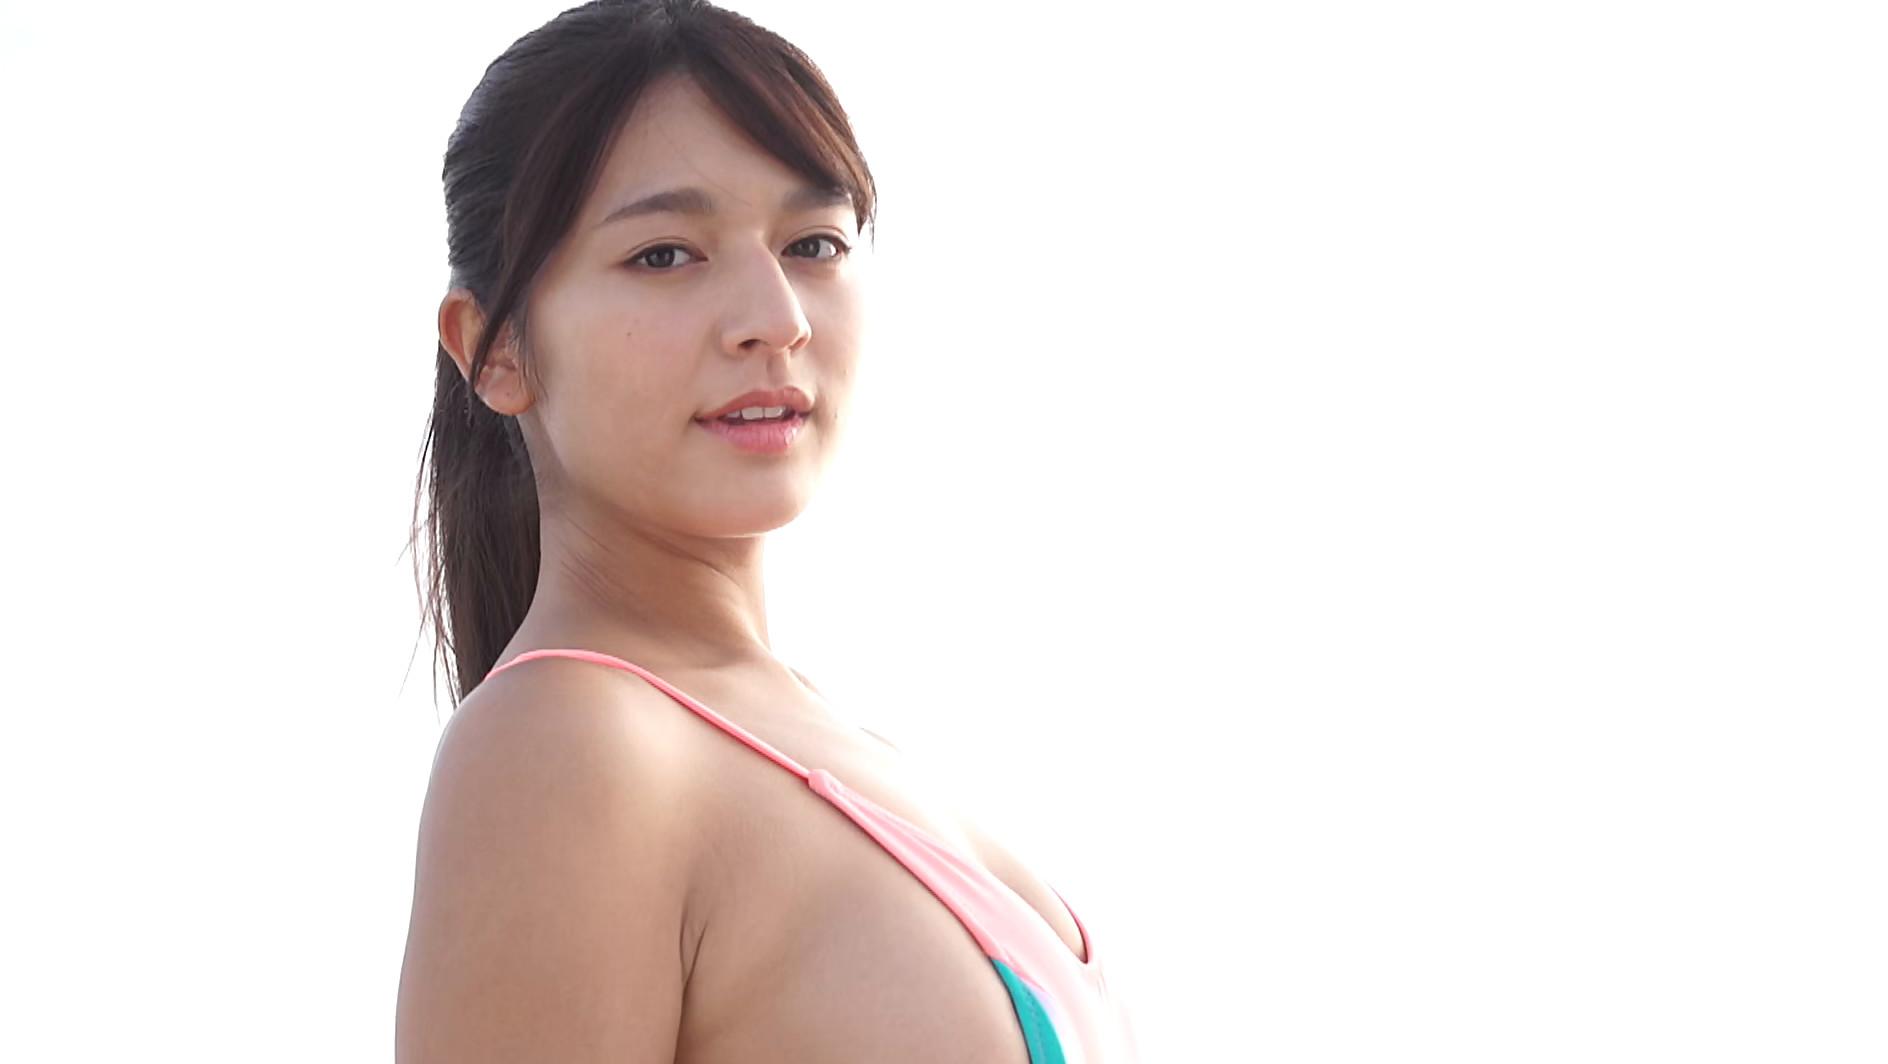 日焼けした彼女をずっと忘れない 徳江かな18